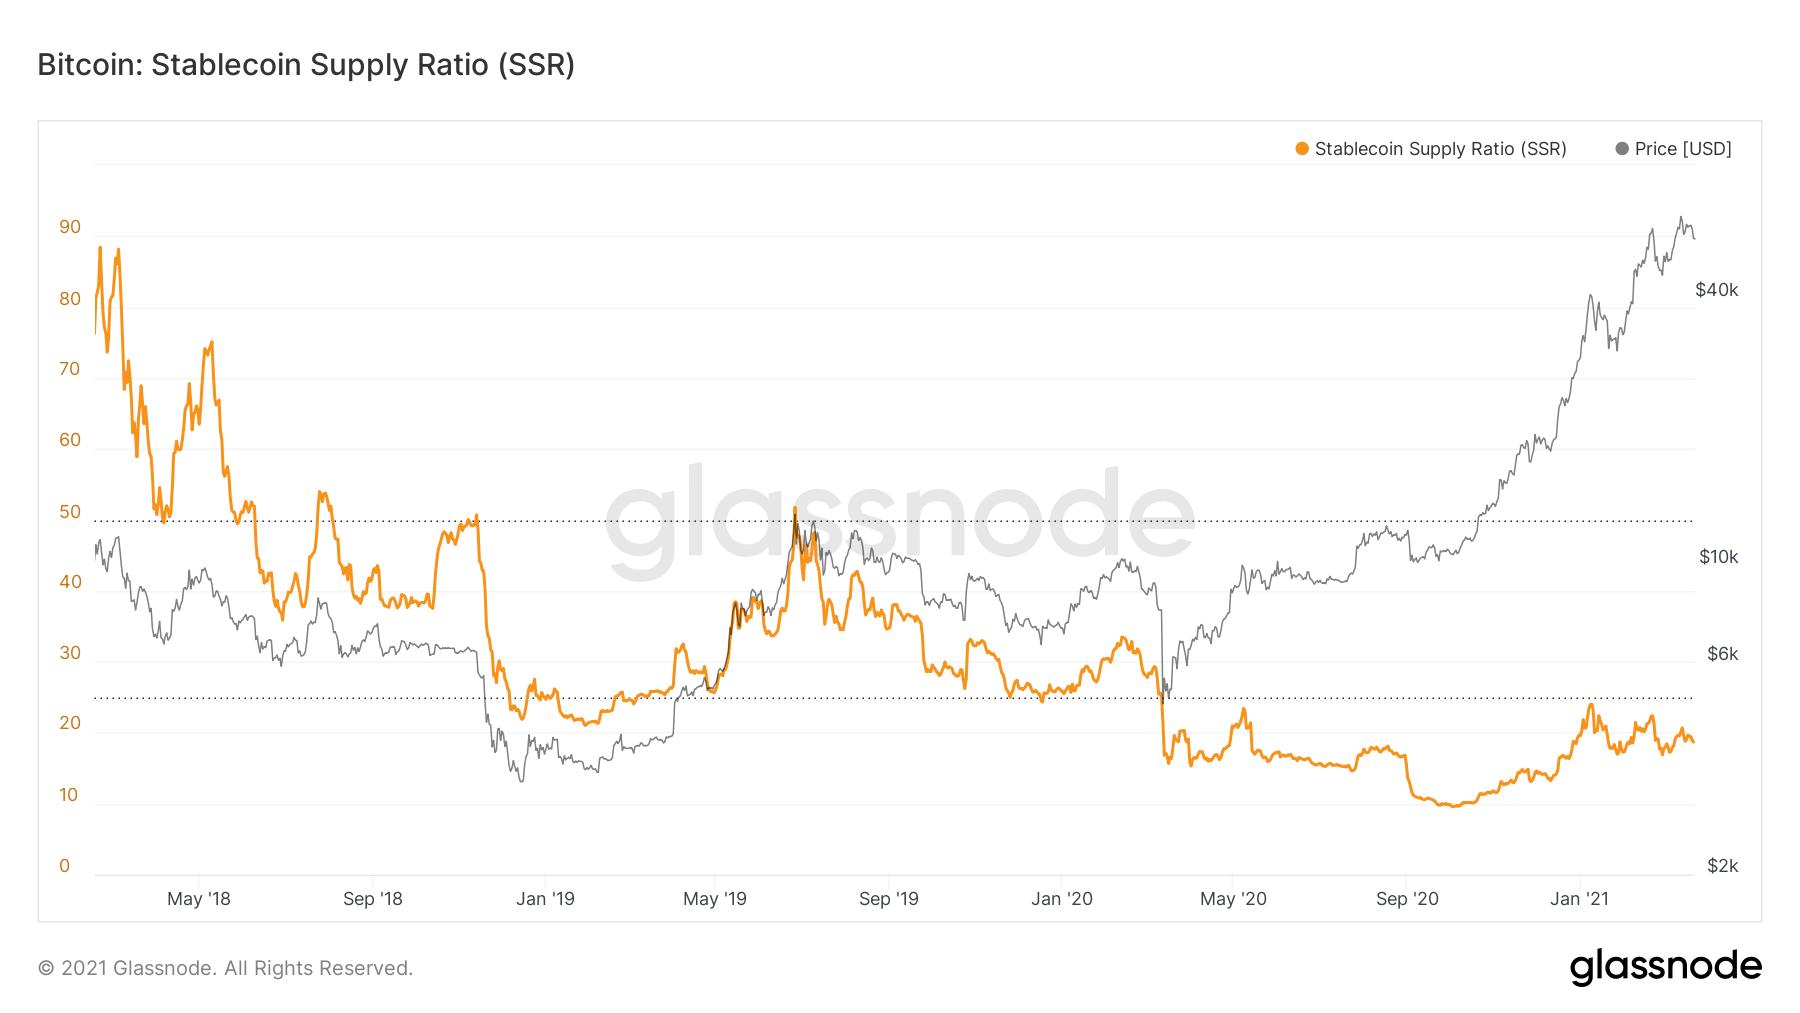 数据:稳定币购买力保持较高水平,但近期市场买入BTC的意愿有所降低